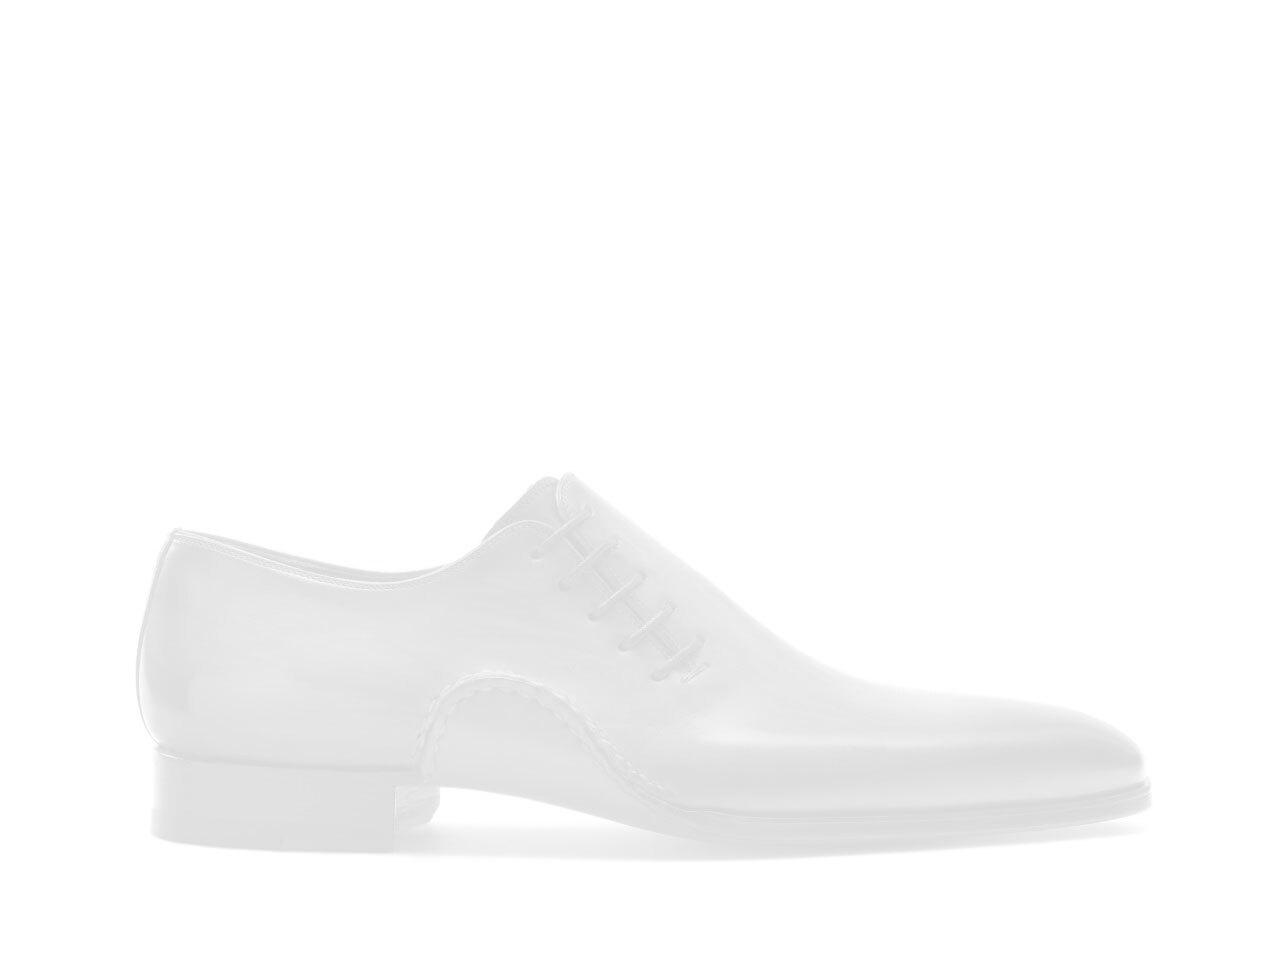 Pair of the Magnanni Ibiza Cuero Men's Sneakers